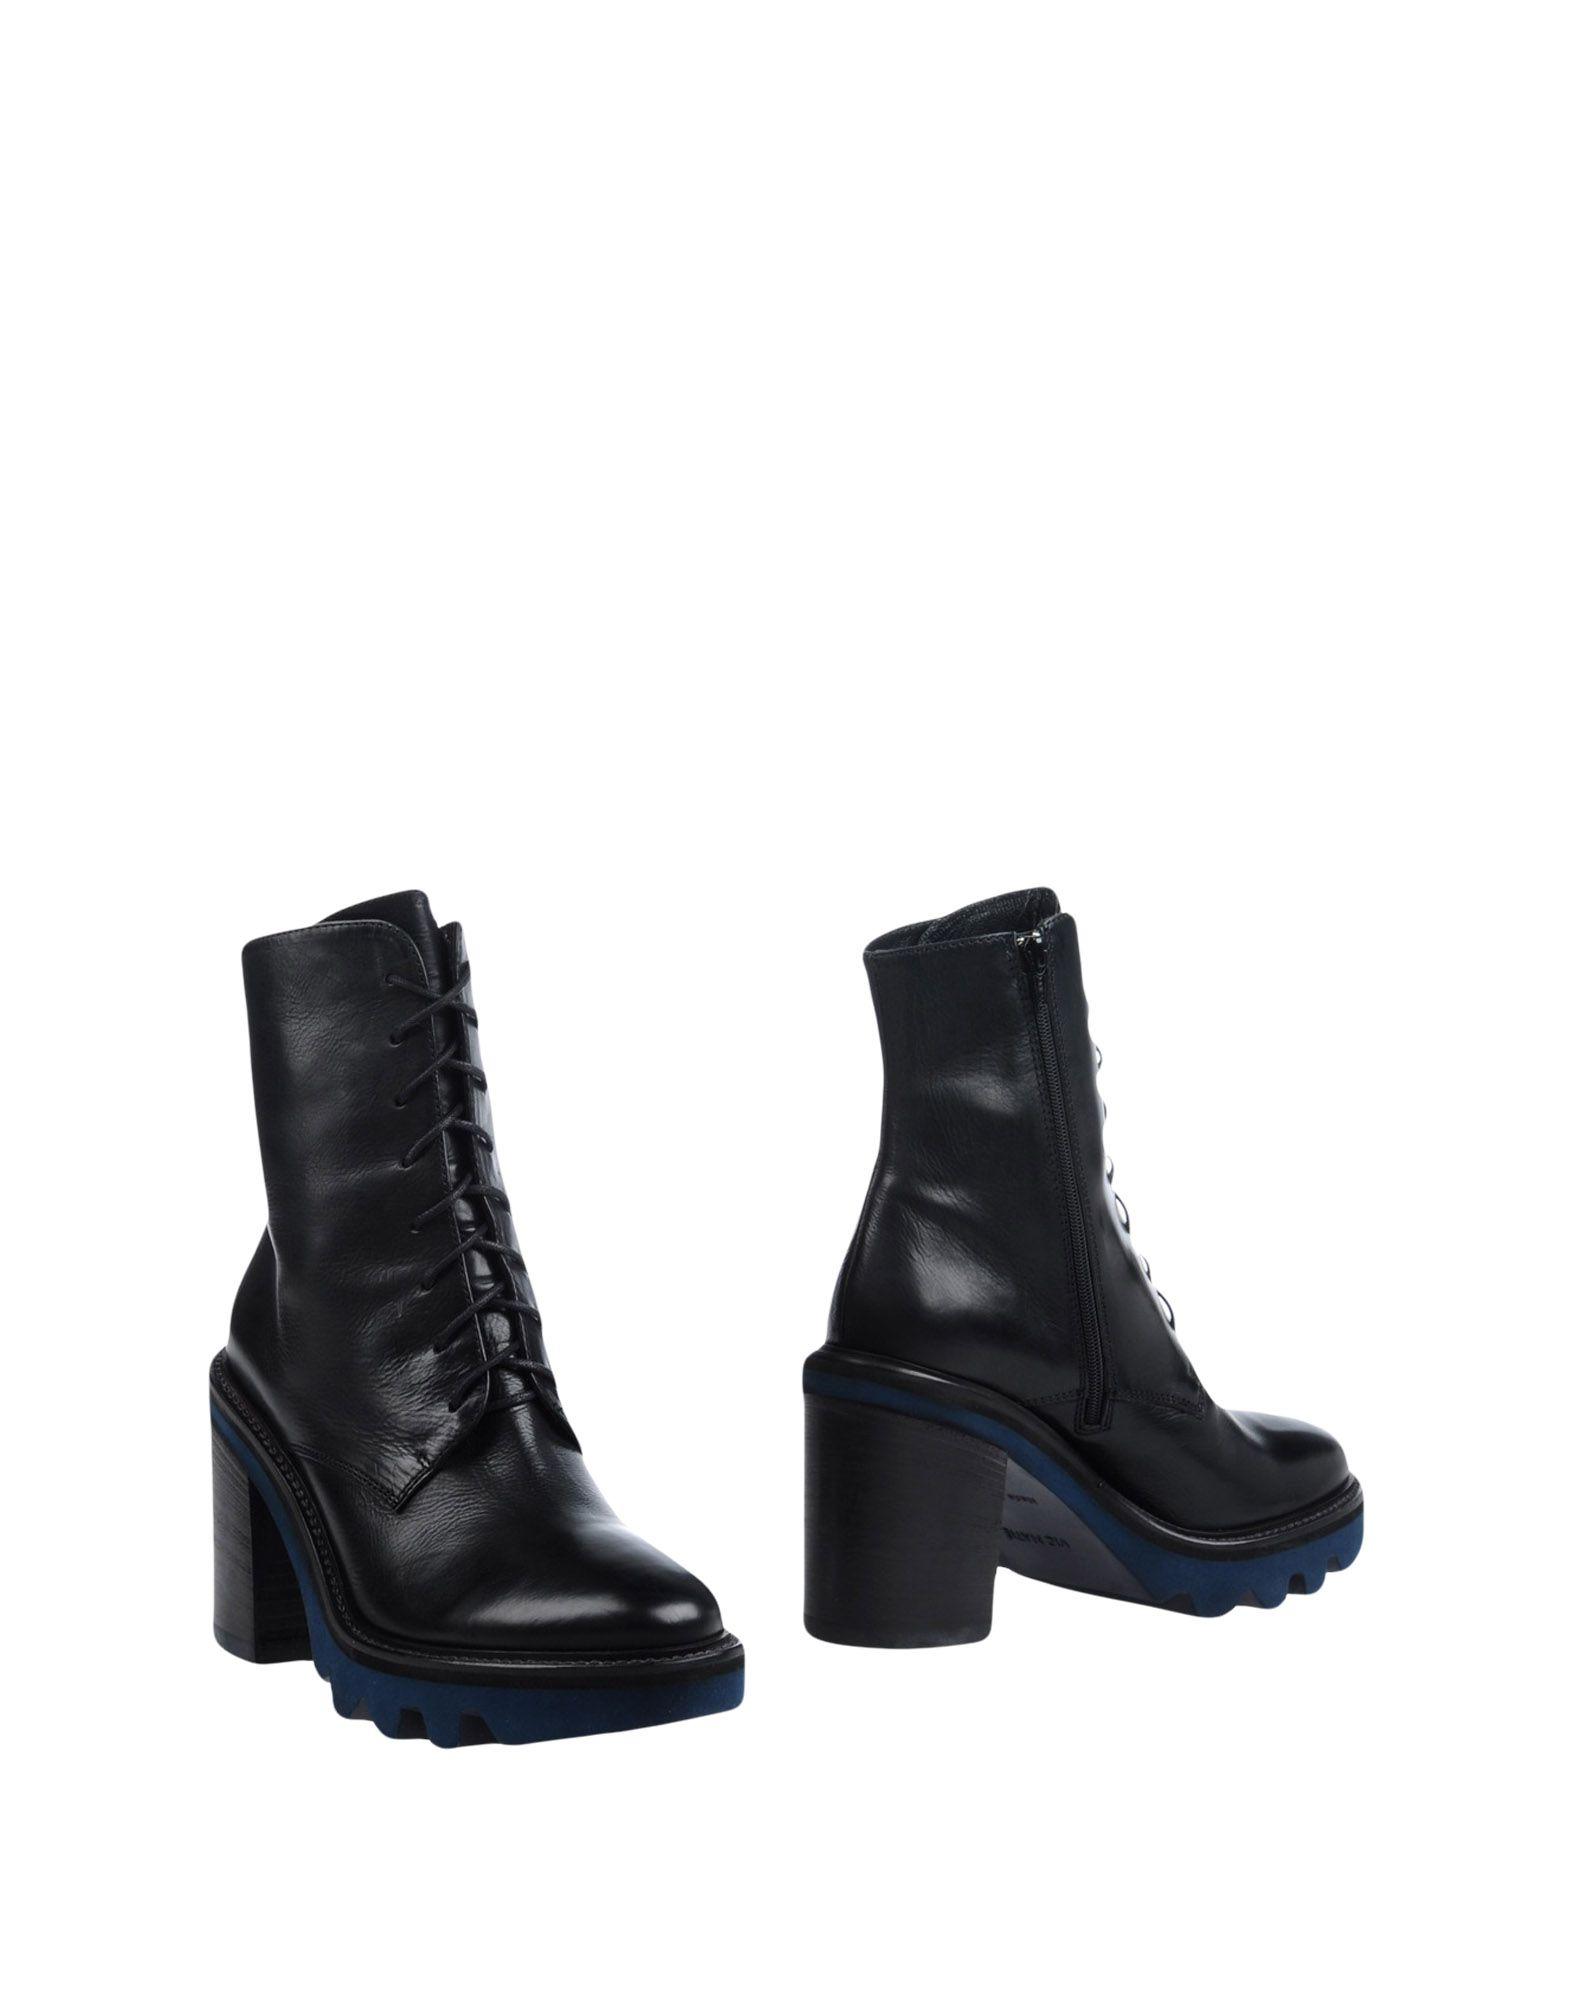 Vic Matiē Stiefelette aussehende Damen  11274791NWGut aussehende Stiefelette strapazierfähige Schuhe 19e131